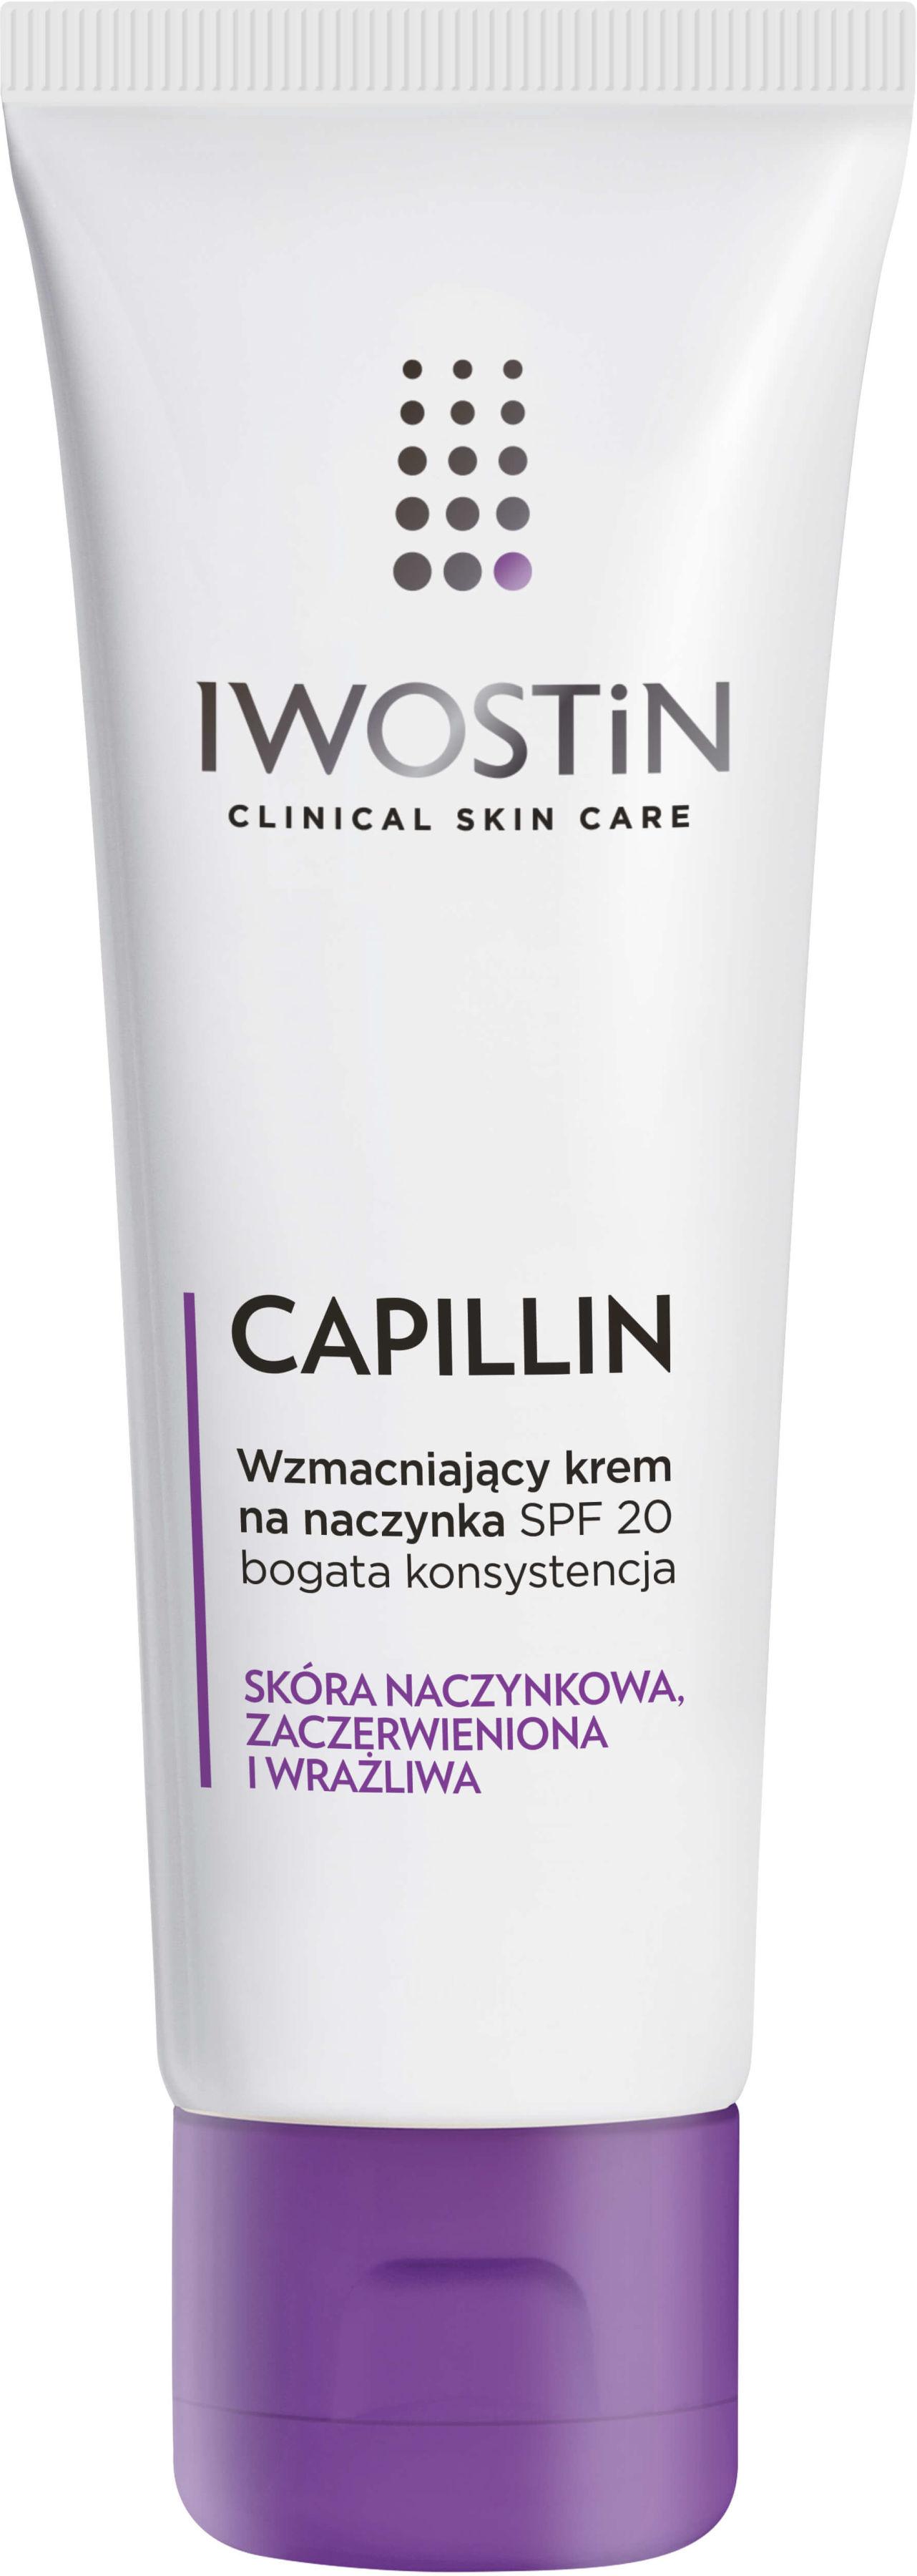 Iwostin capillin wzmacniający krem na naczynka SPF20 40 ml